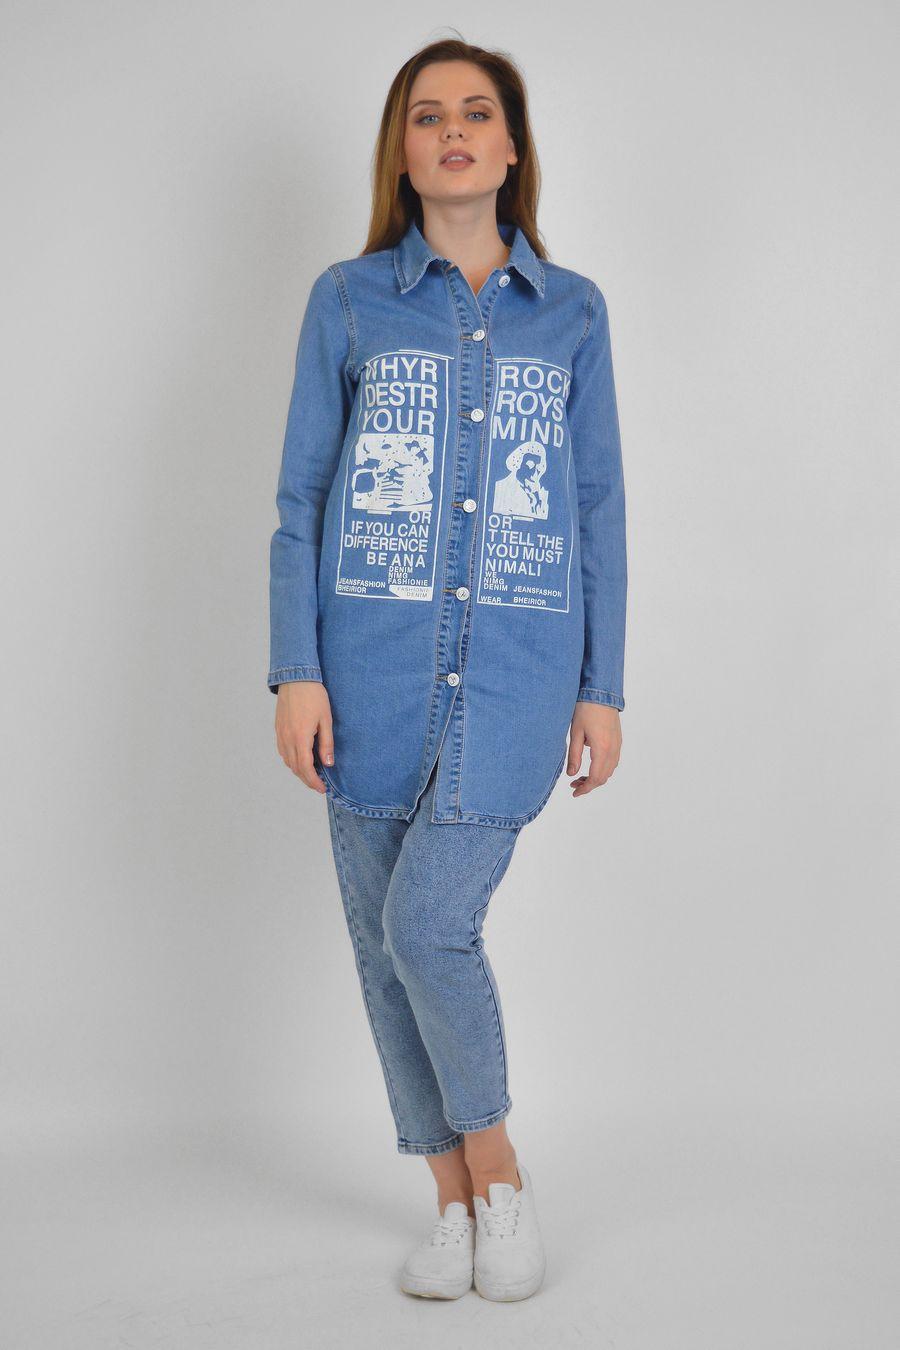 Рубашка женская Baccino 637 джинсовая - фото 1